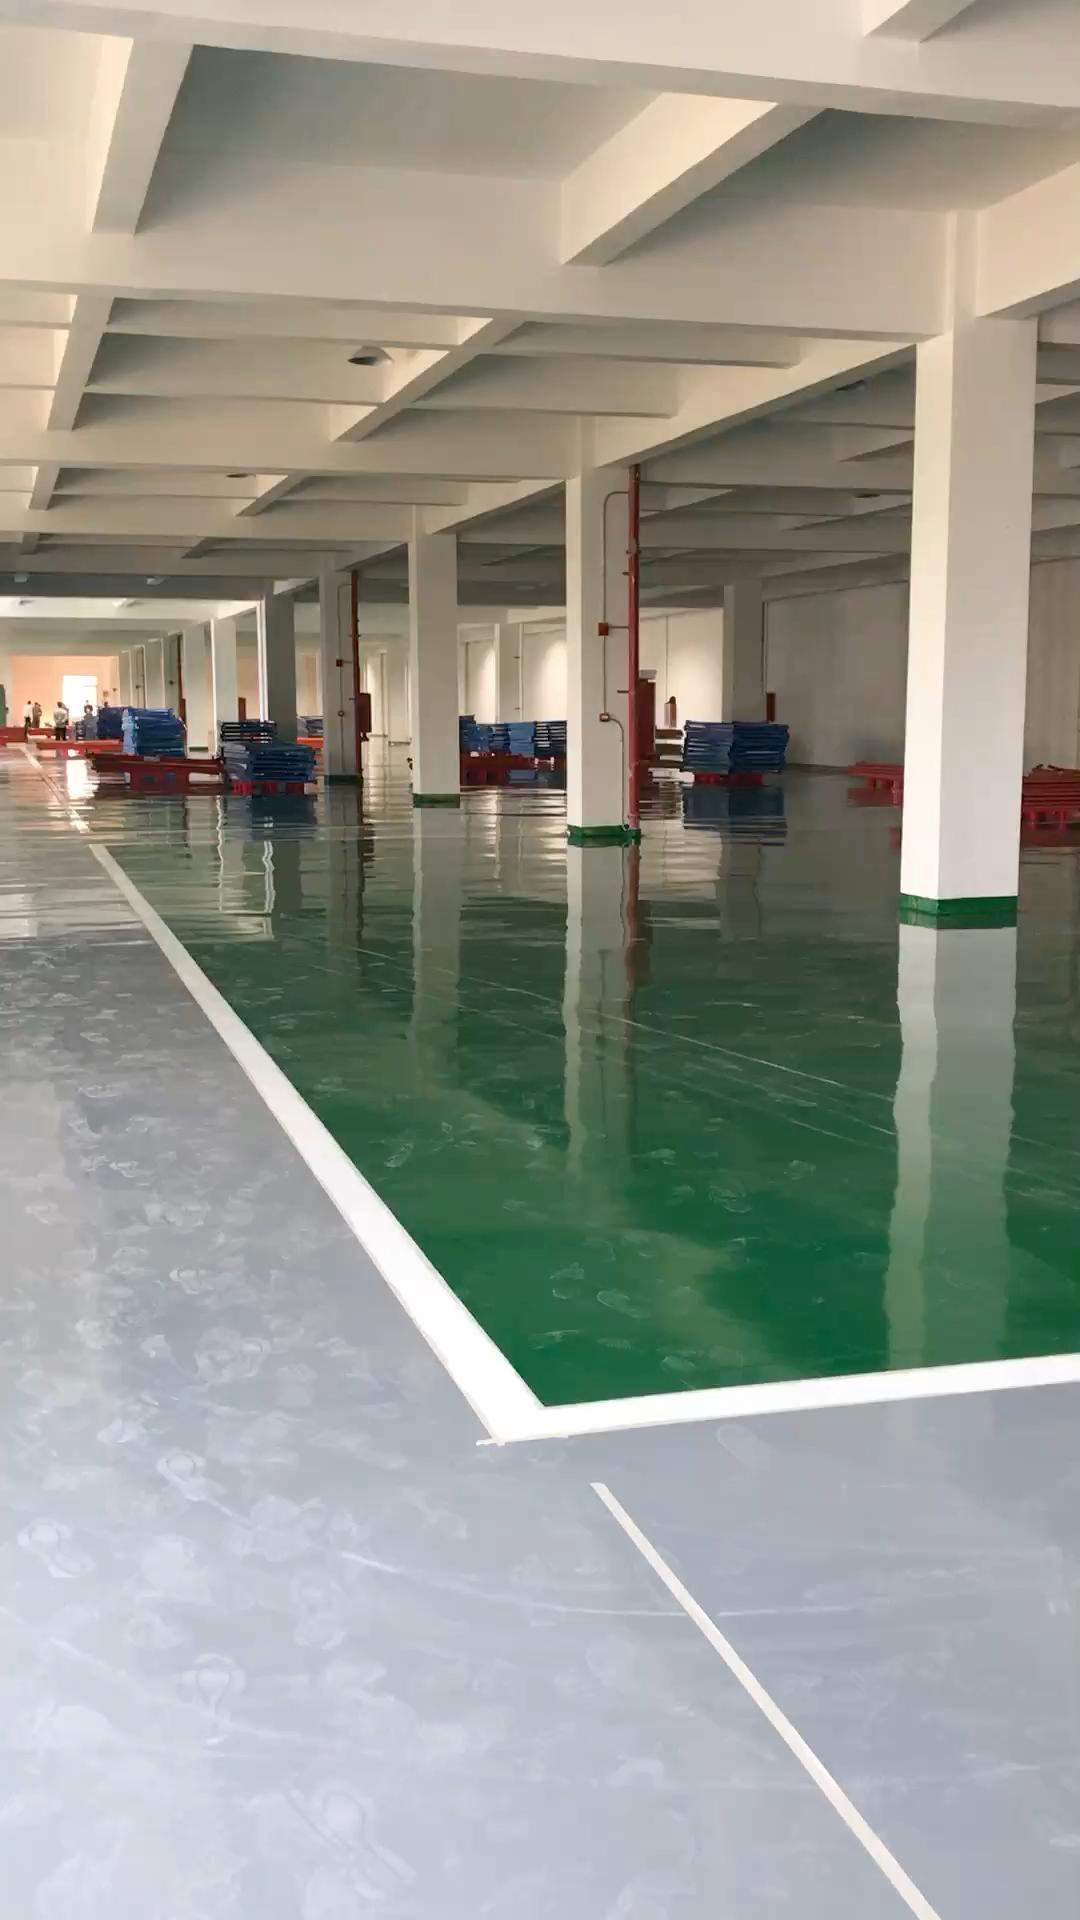 坪山高薪补贴厂房4000平方出租一二楼可分租有红本可生产仓库